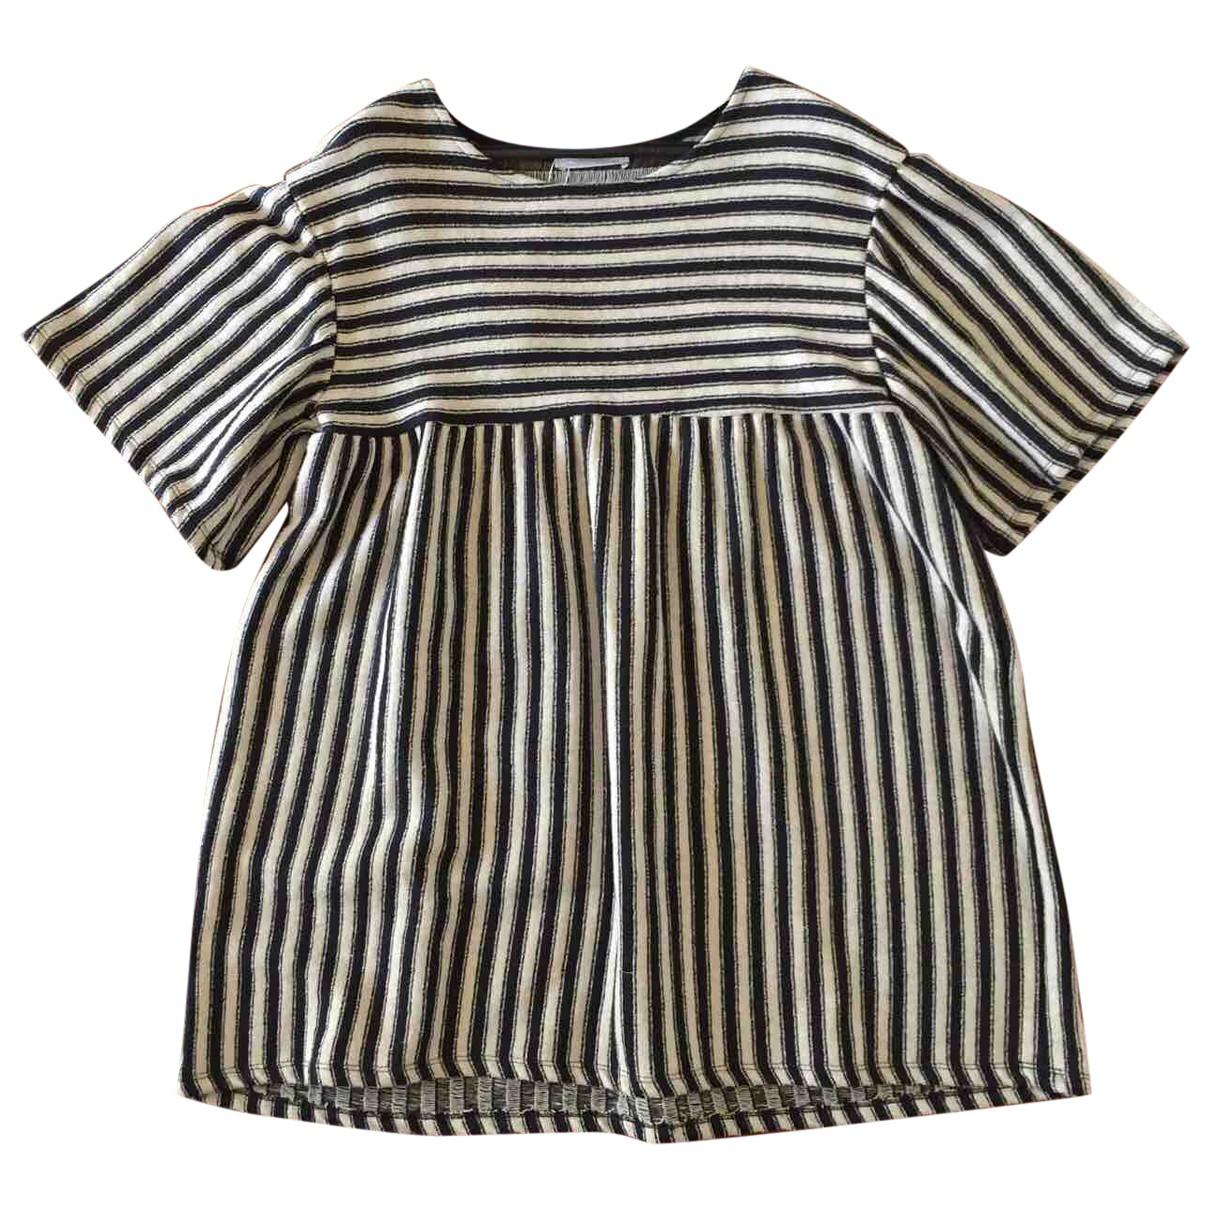 Zara - Robe   pour femme en coton